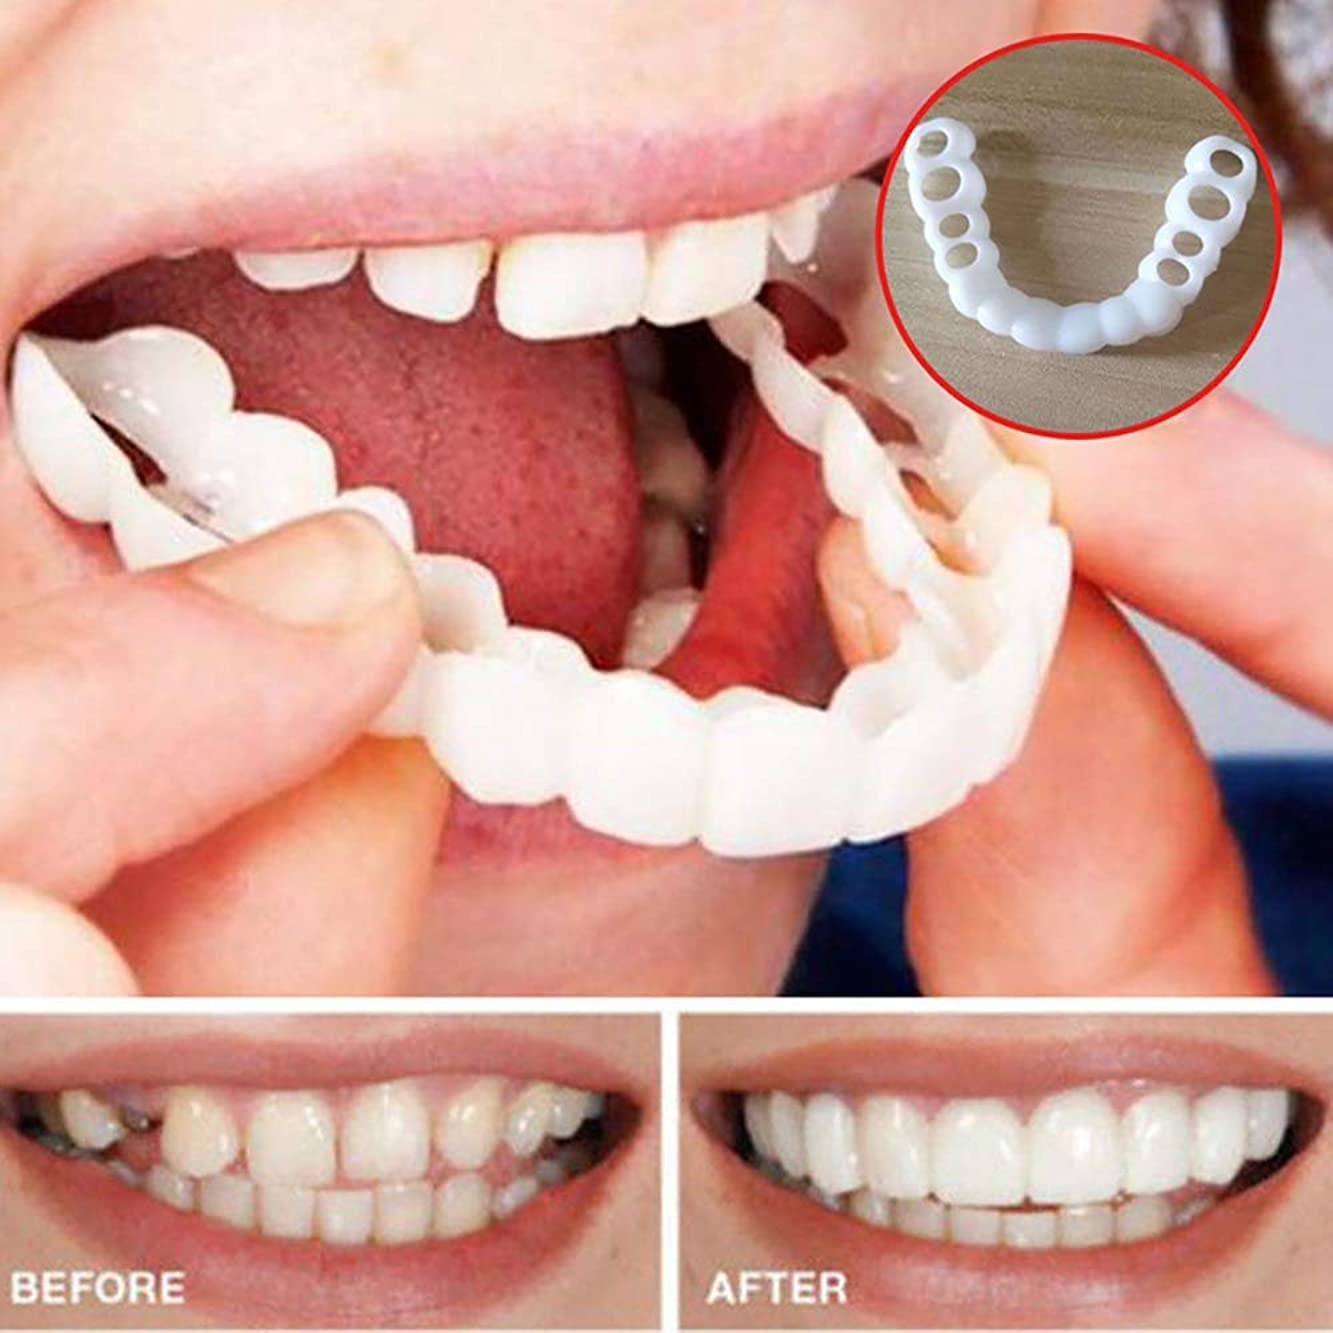 ソーダ水バナートーク4ペア美しい快適さフィットフレックス化粧品の歯義歯歯のトップとボトム化粧品突き板